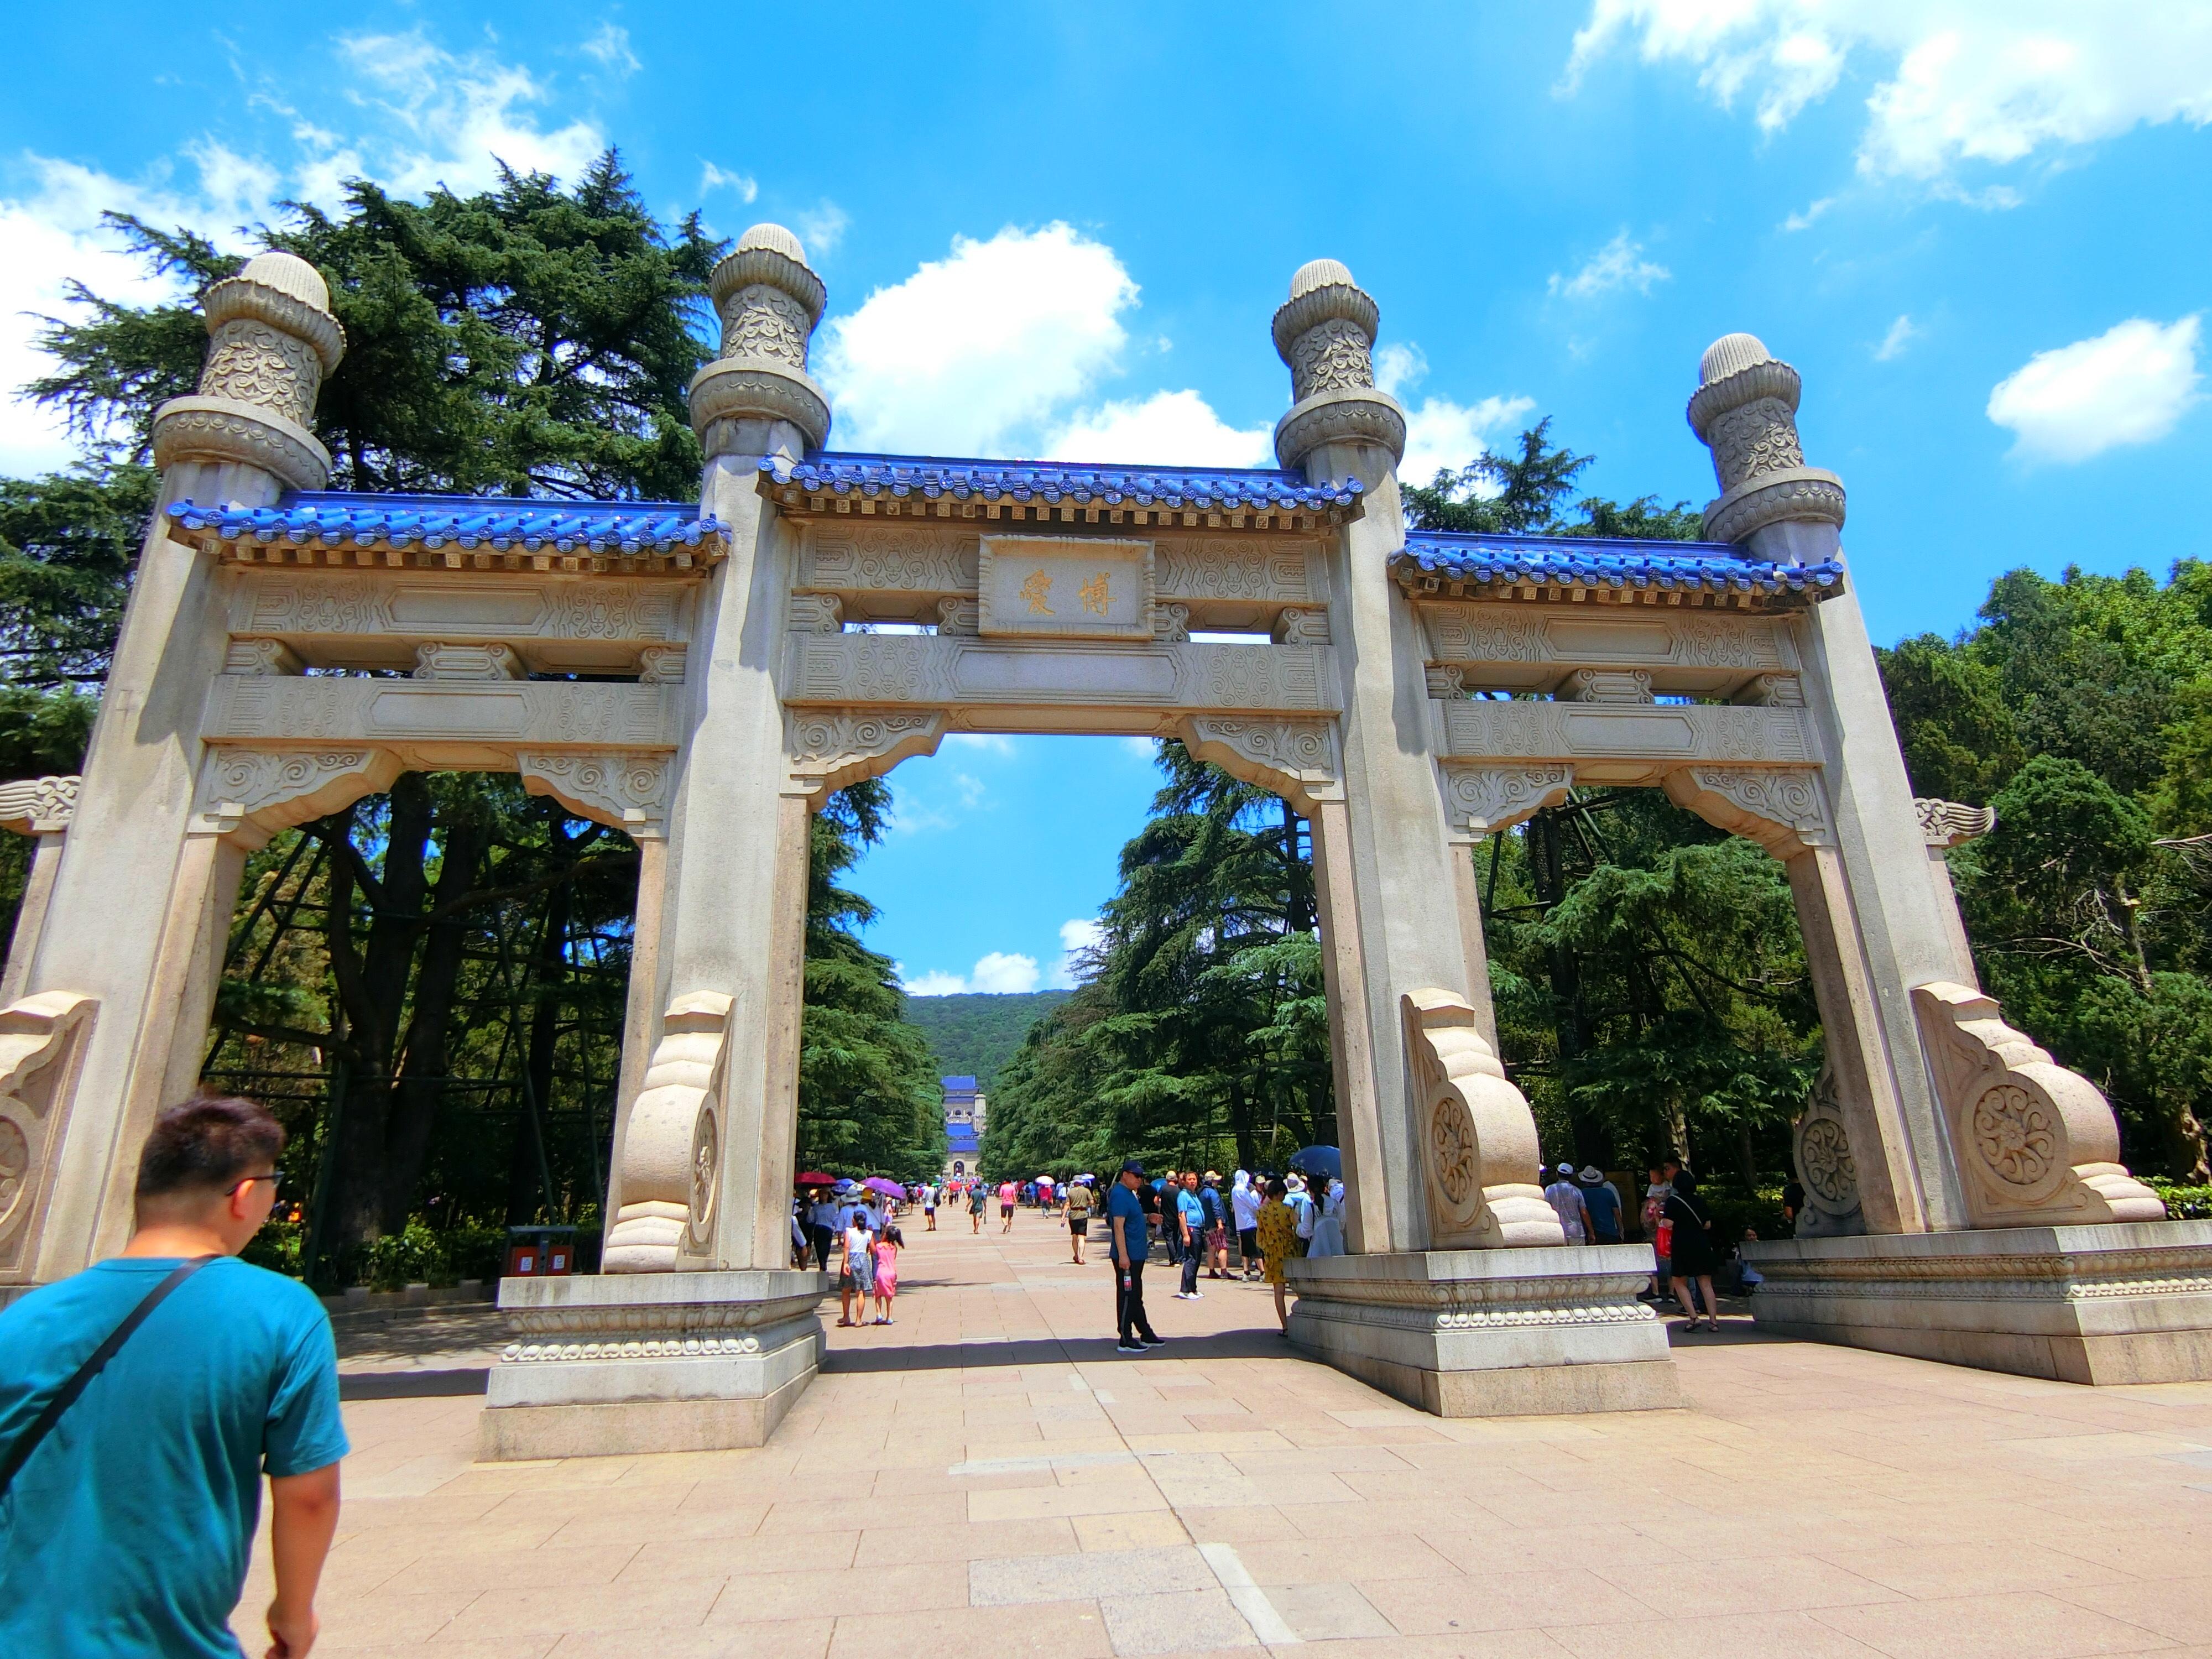 中山陵 Dr. Sun Yat-sen's Mausoleum